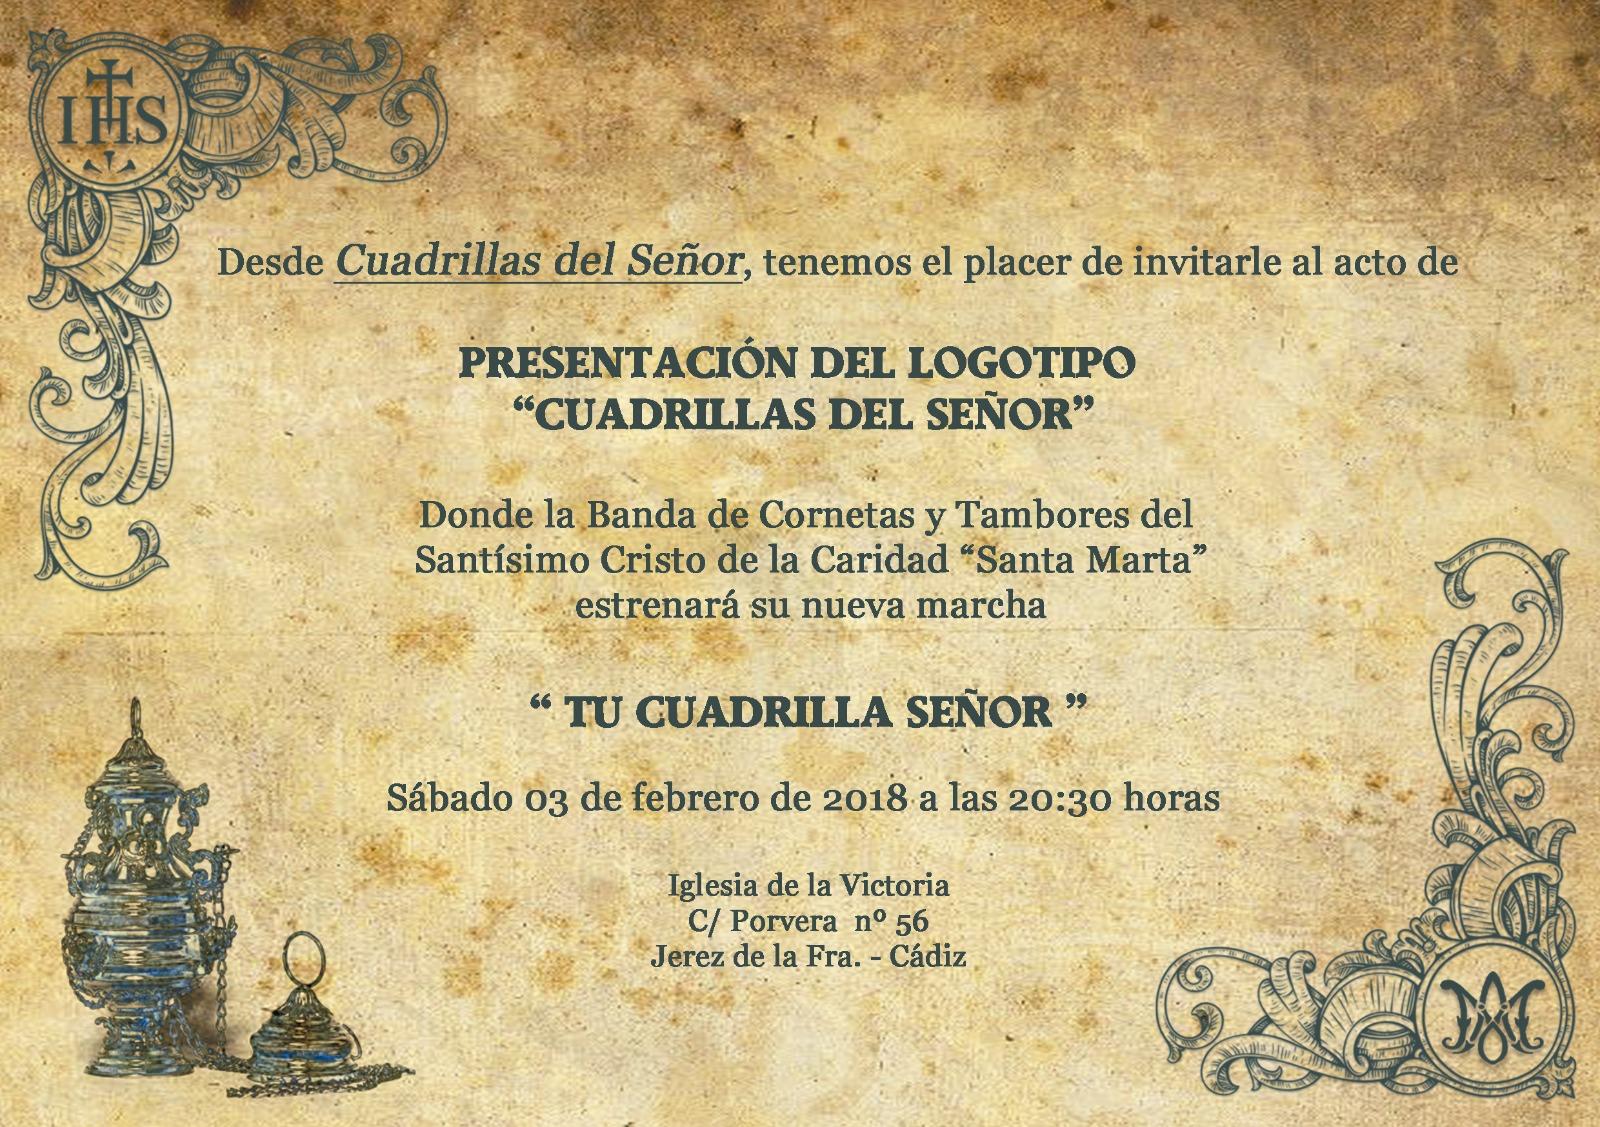 """Presentación de marcha y logotipo para """"Cuadrillas del Señor"""""""